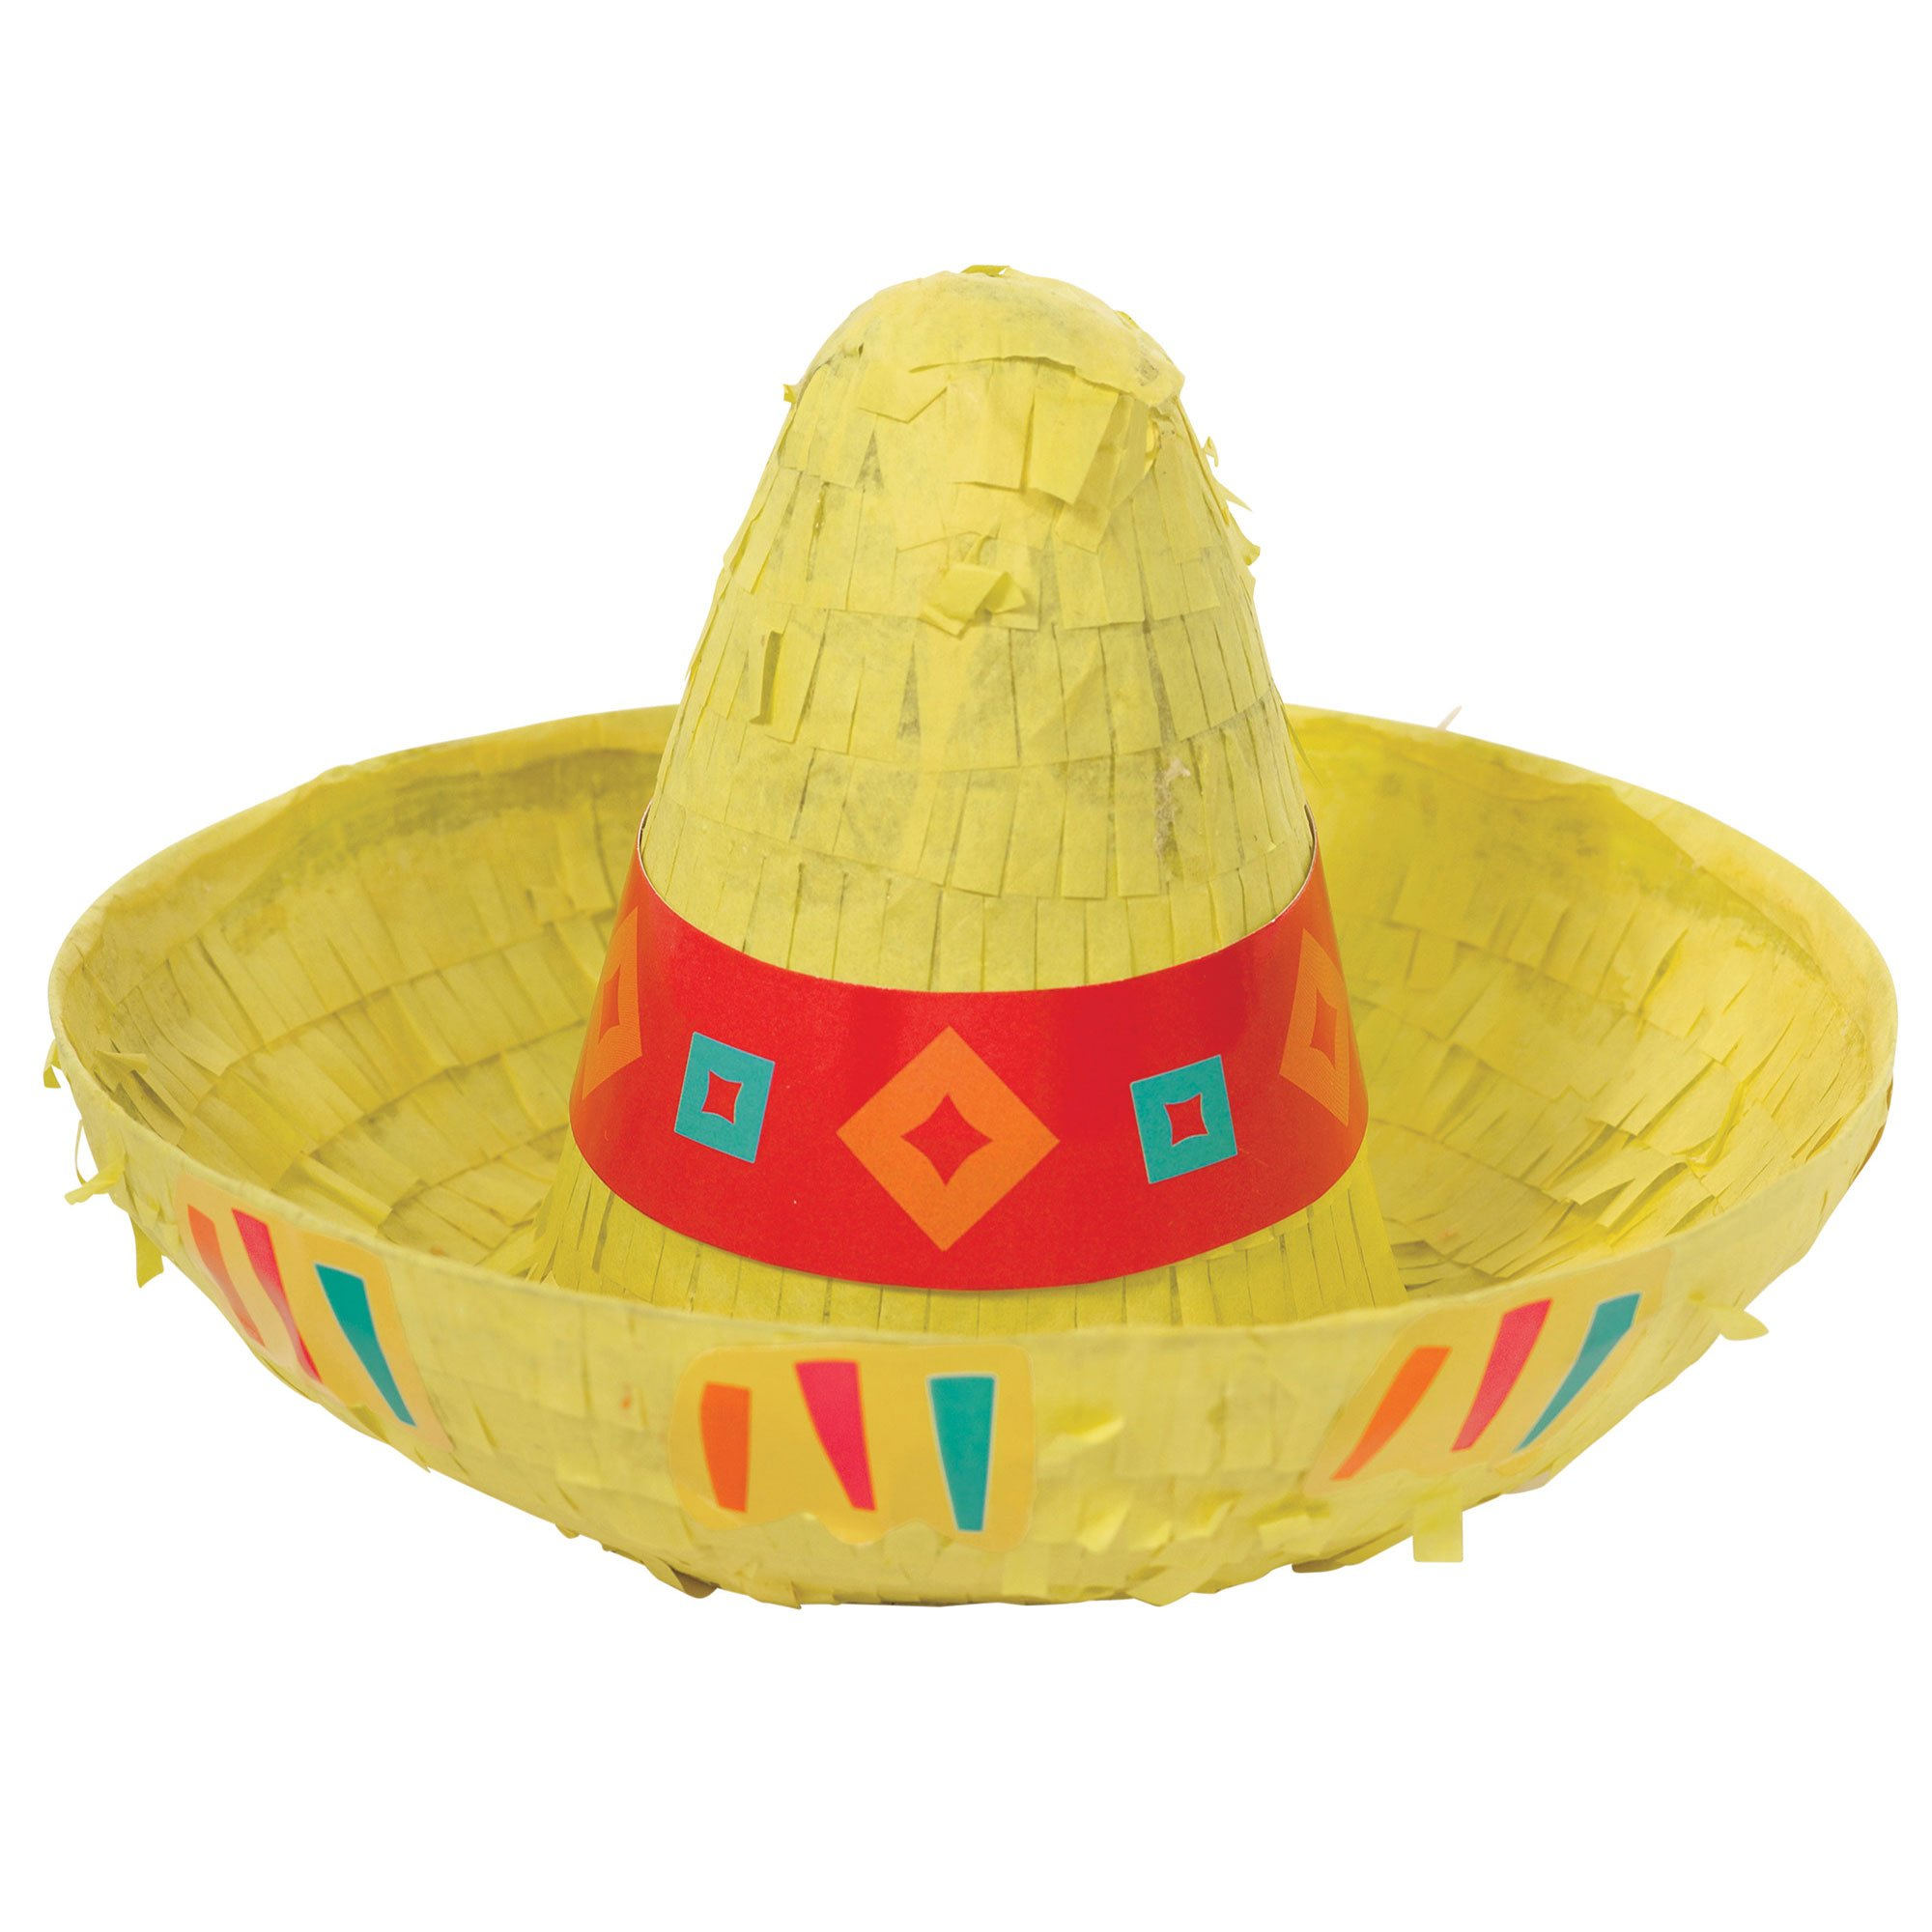 Fiesta Mini Sombrero Decoration